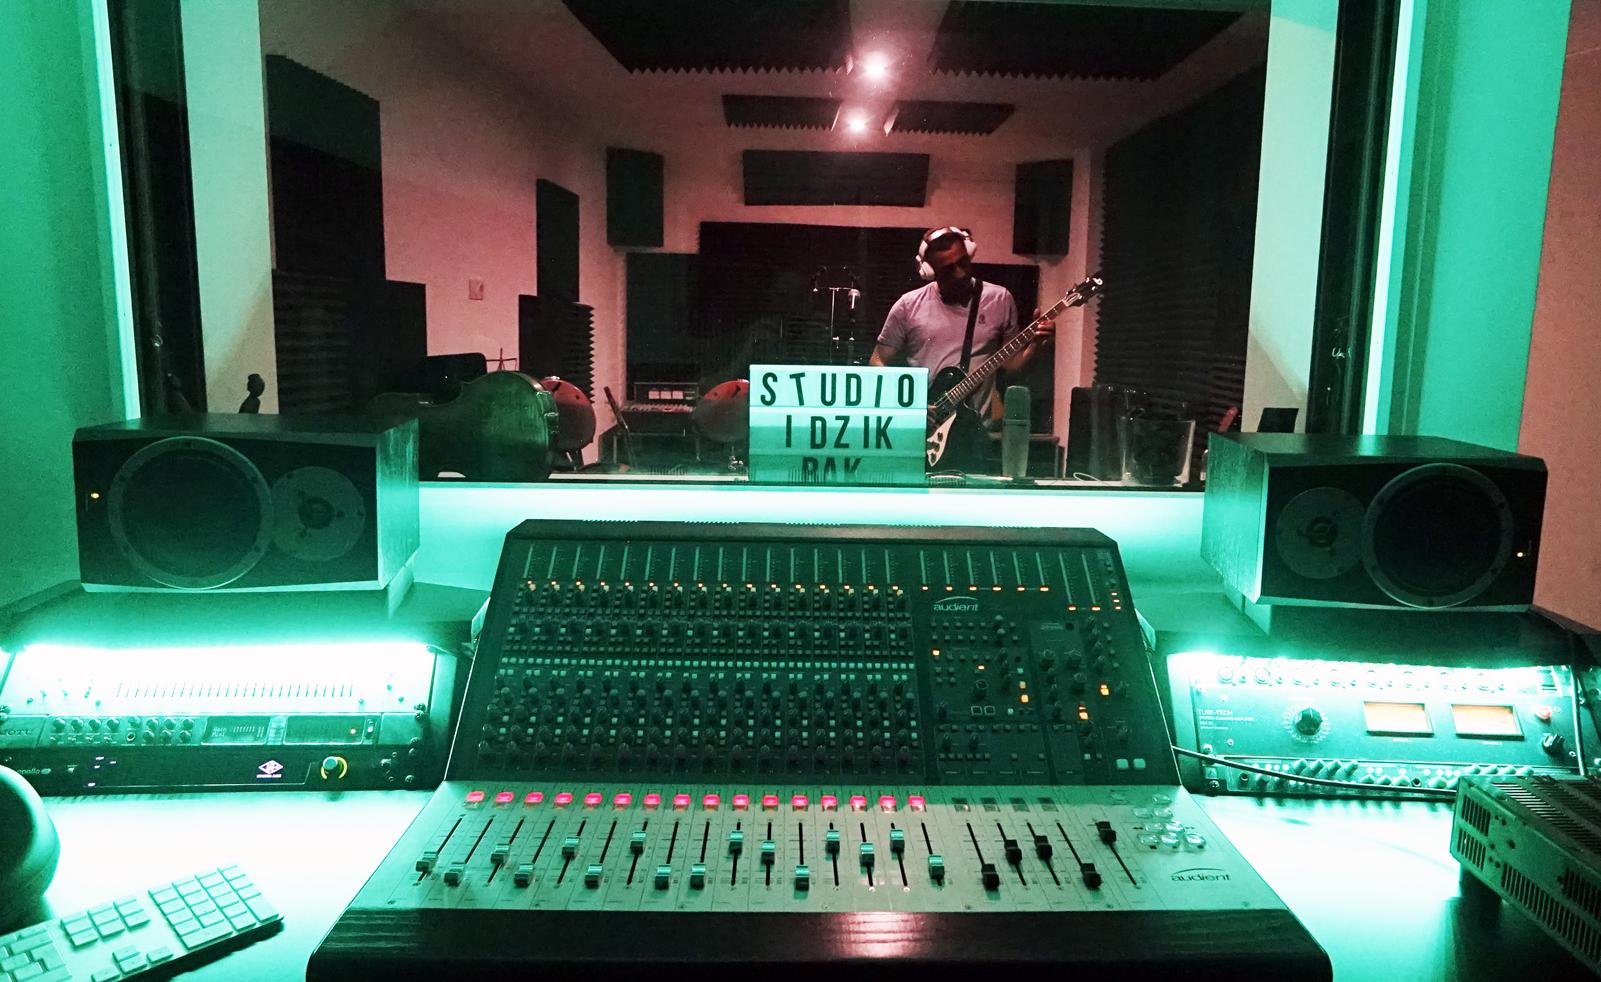 Studio musique et station numérique